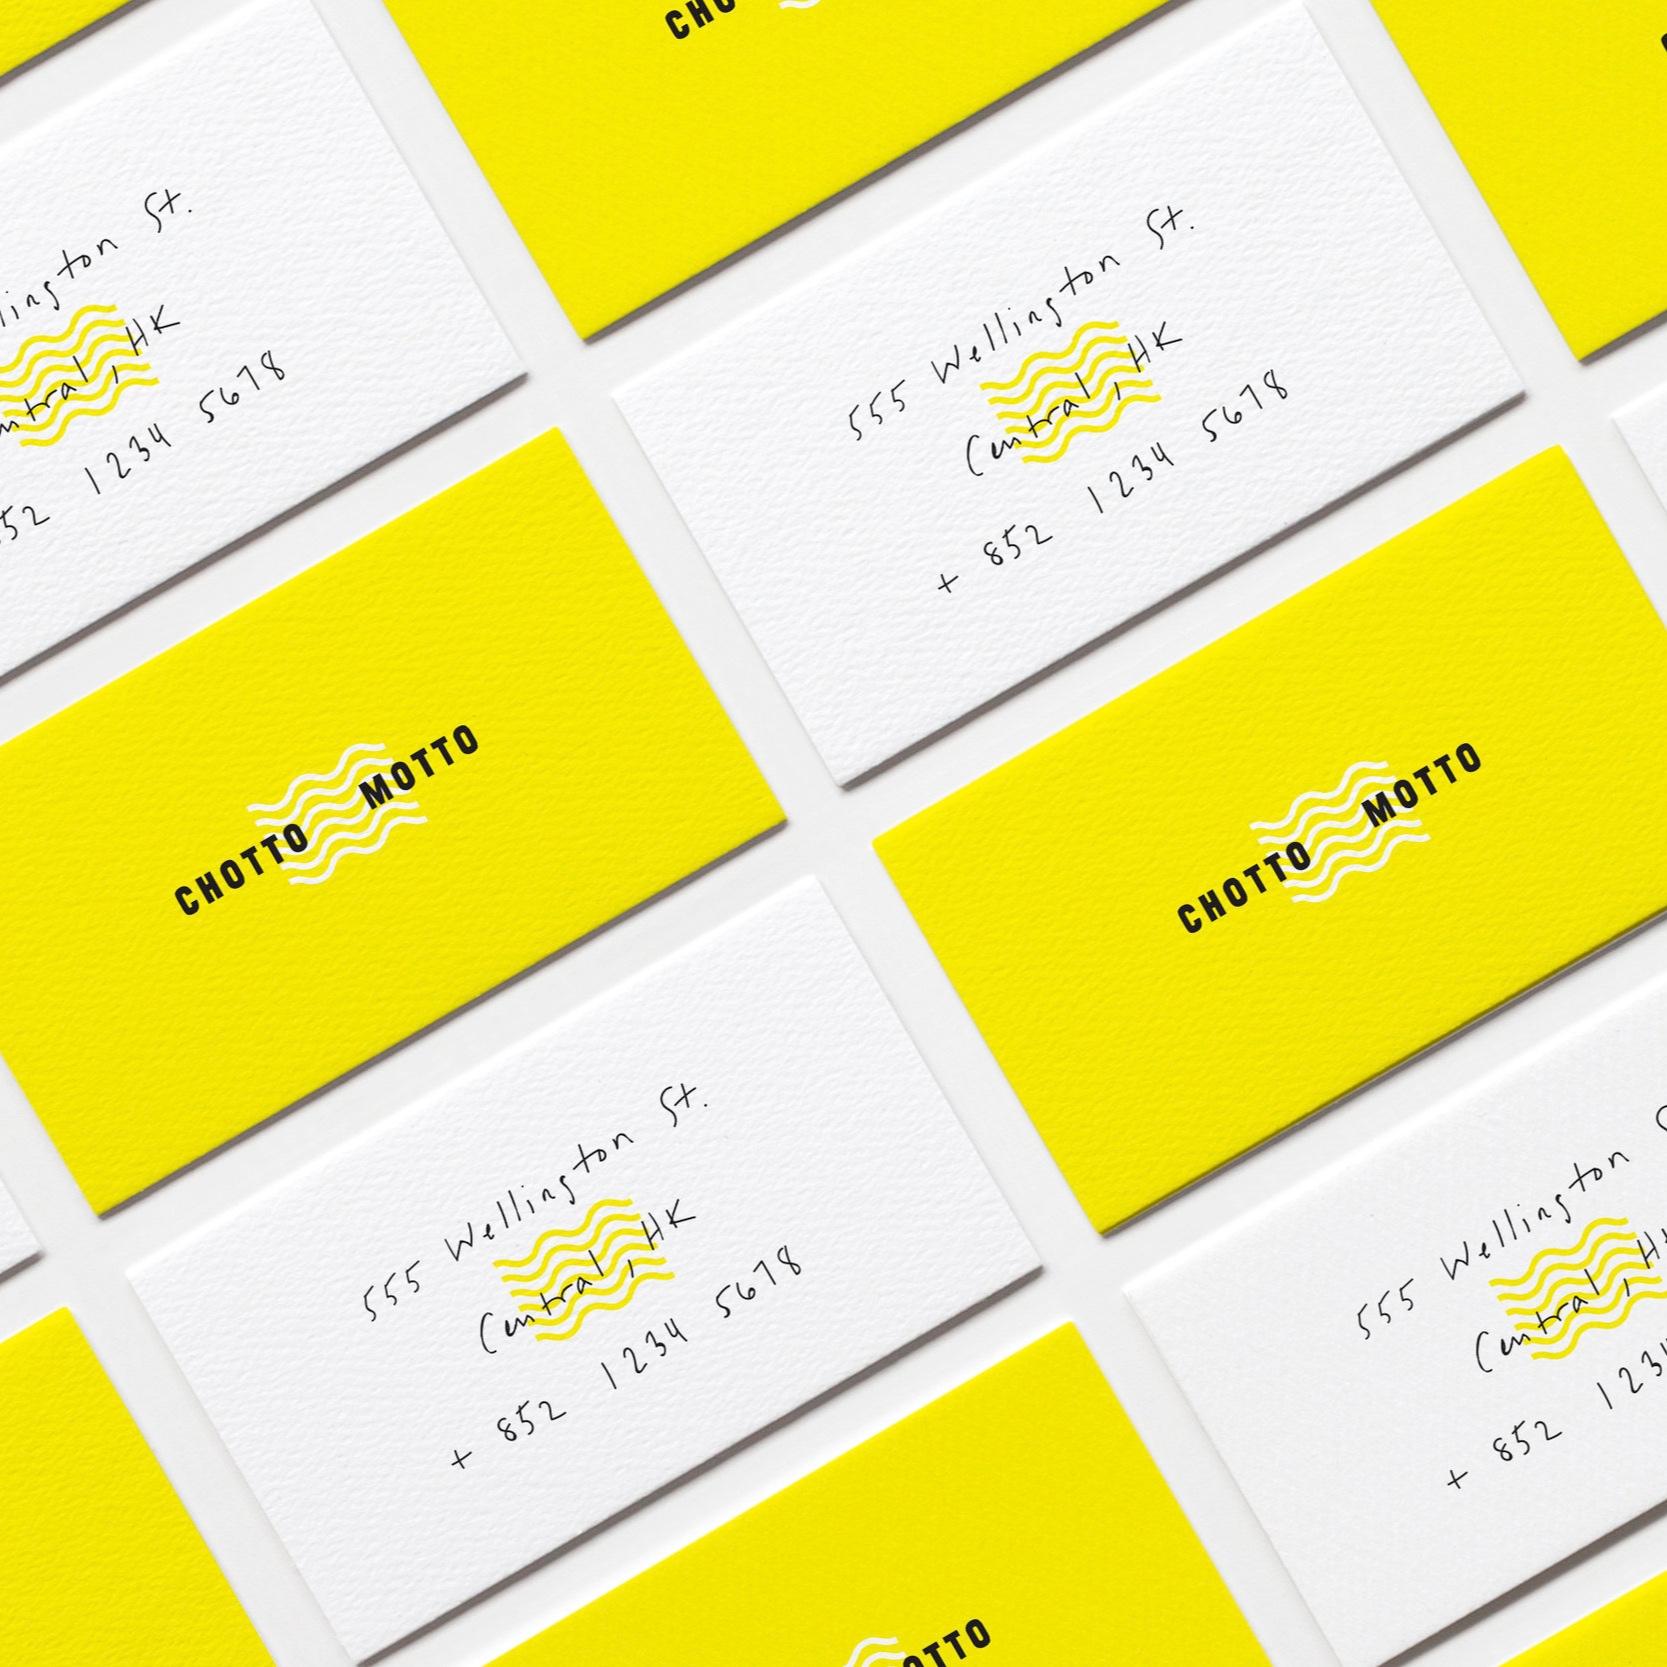 CHOTTO MOTTO - Cambiar el estilo y renovar tu marca, apoyando por un web profesional y cercana a tus clientes. Alcanza otros rincones del planeta a un solo click de distancia.